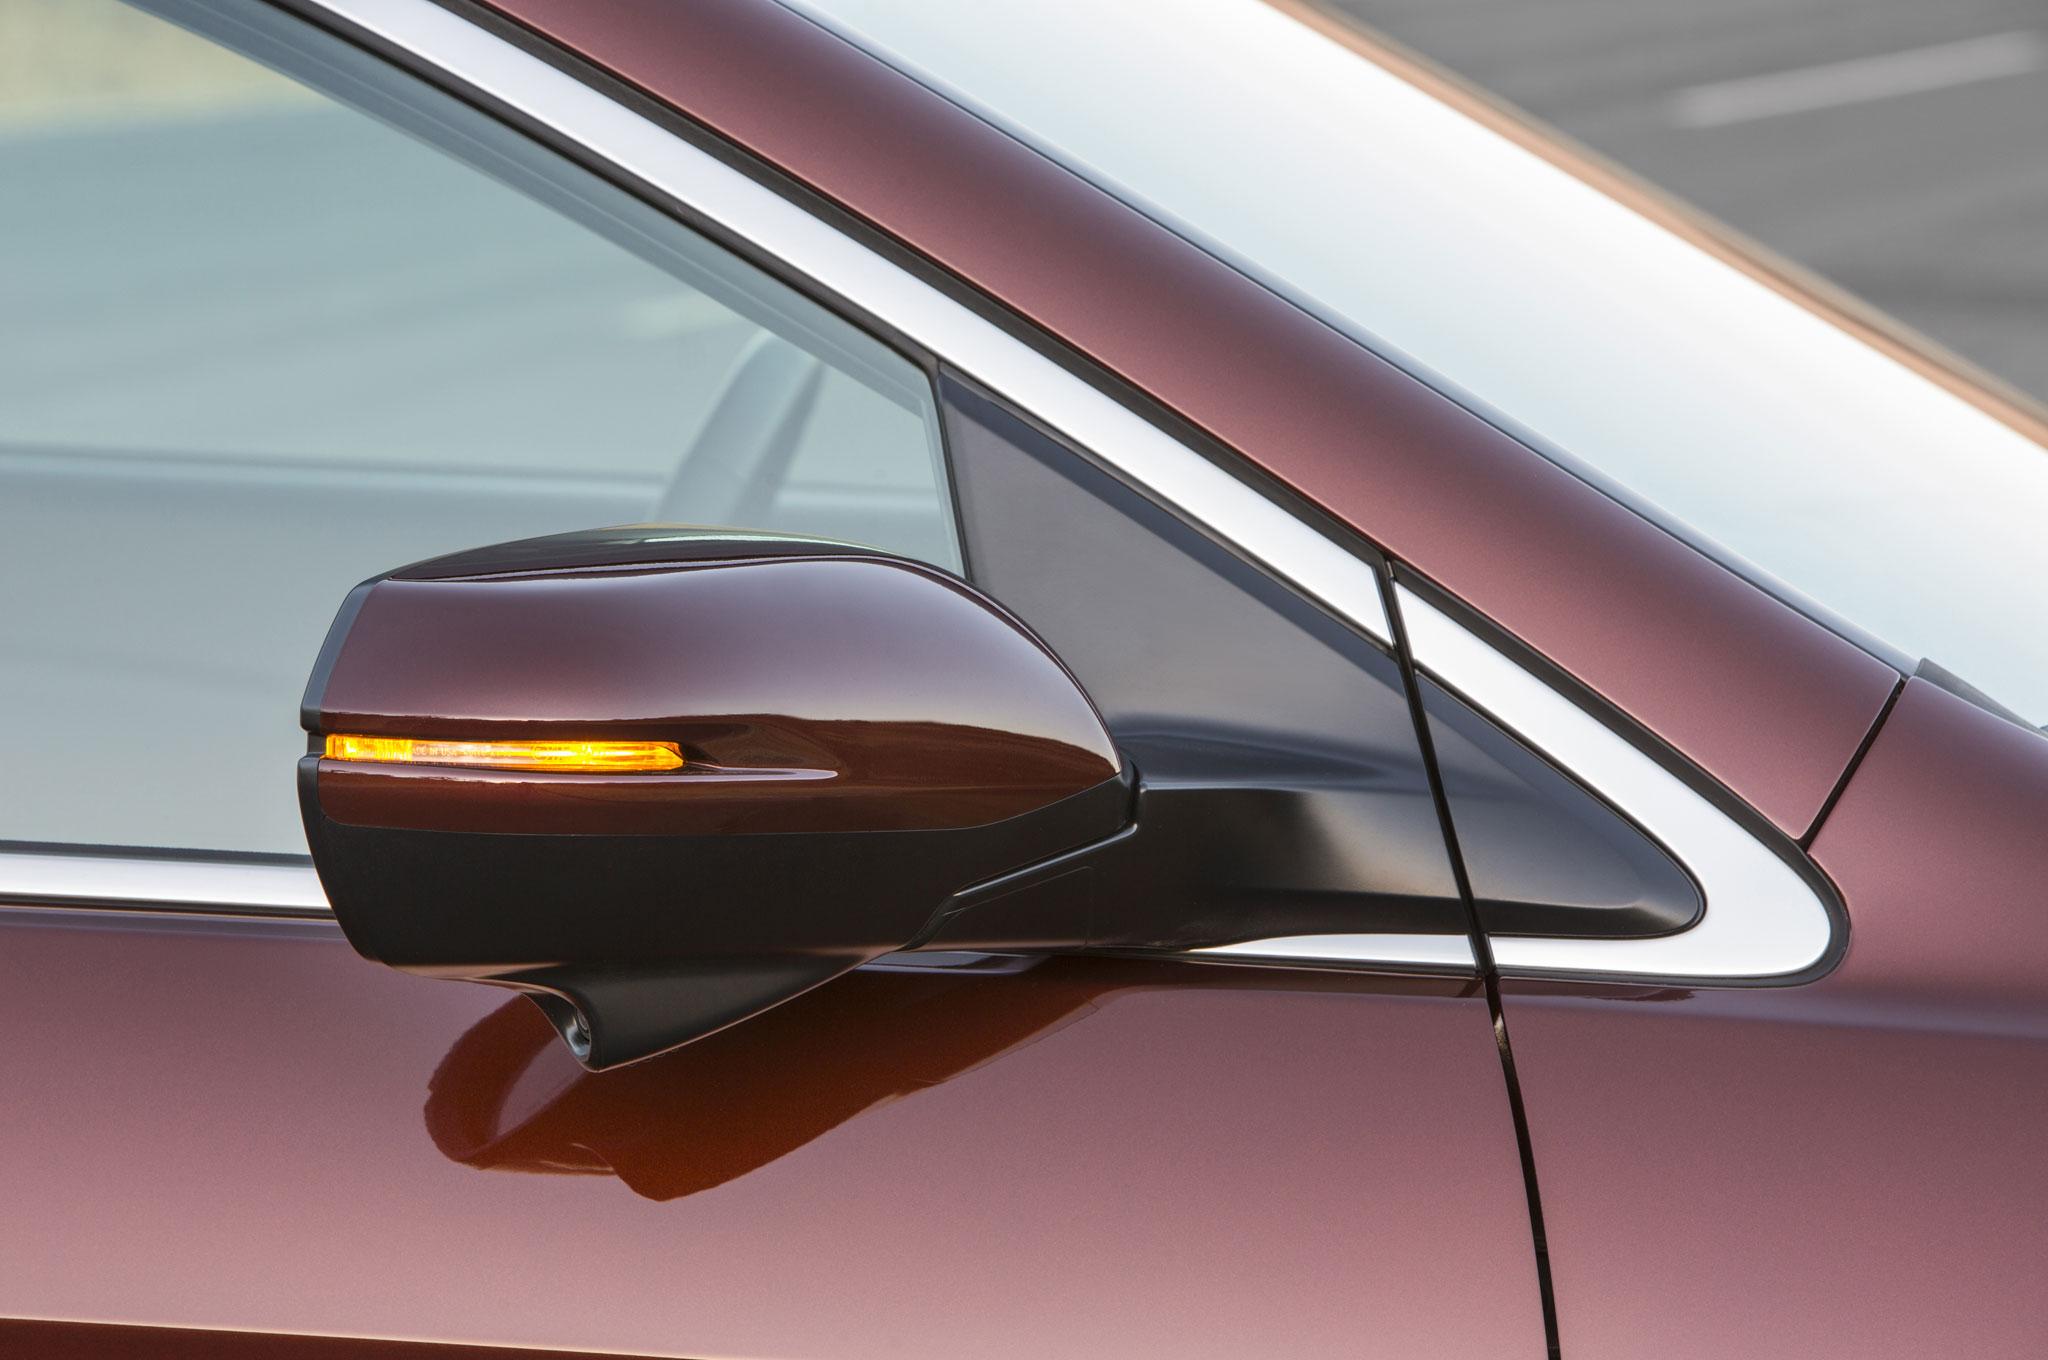 2015 honda cr v passenger door mirror